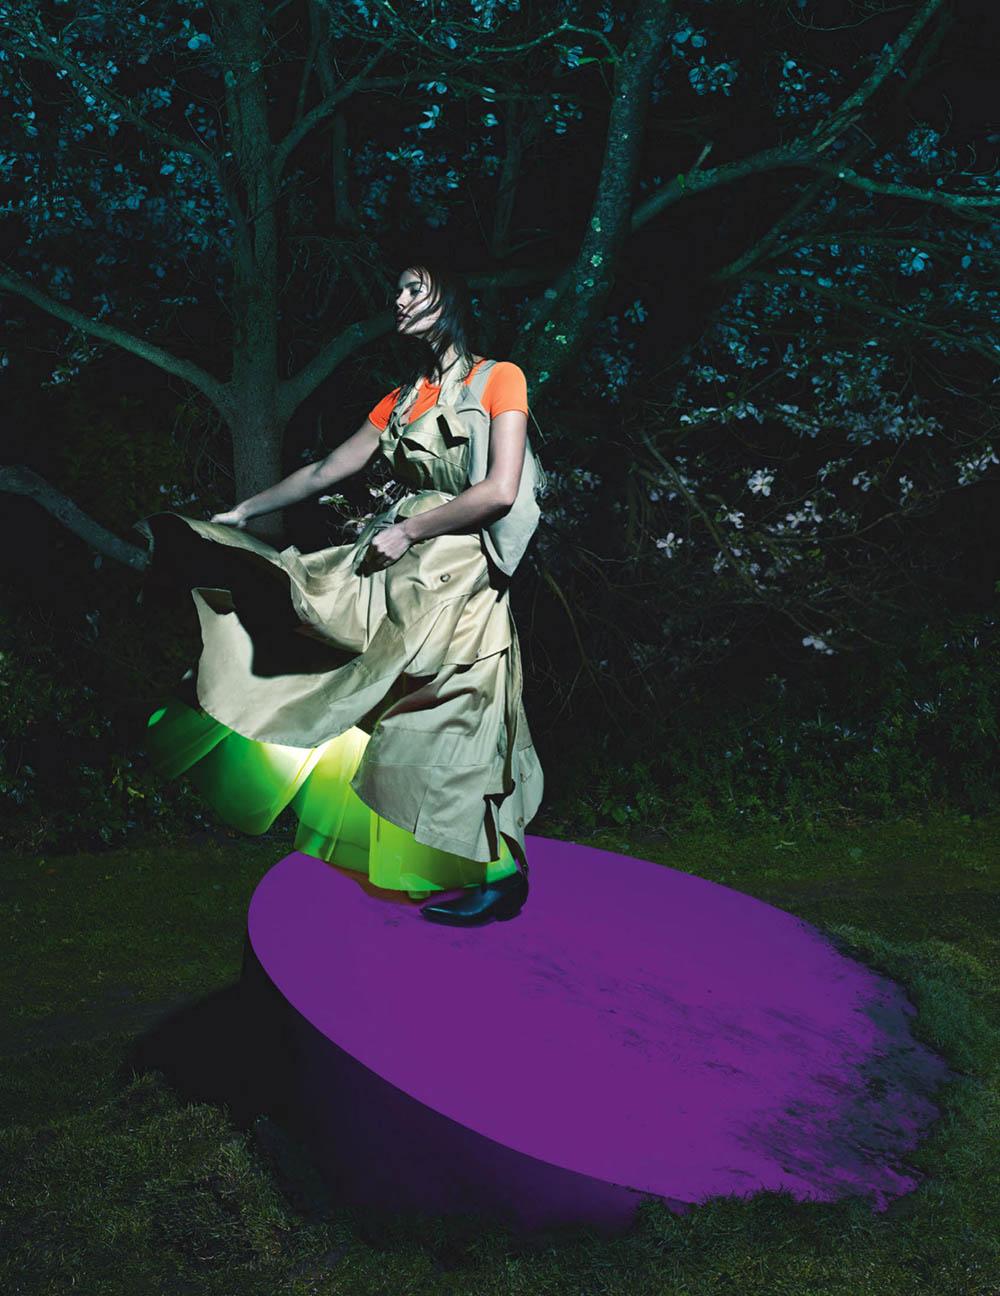 Irina Shayk covers British Vogue March 2020 by Mert & Marcus